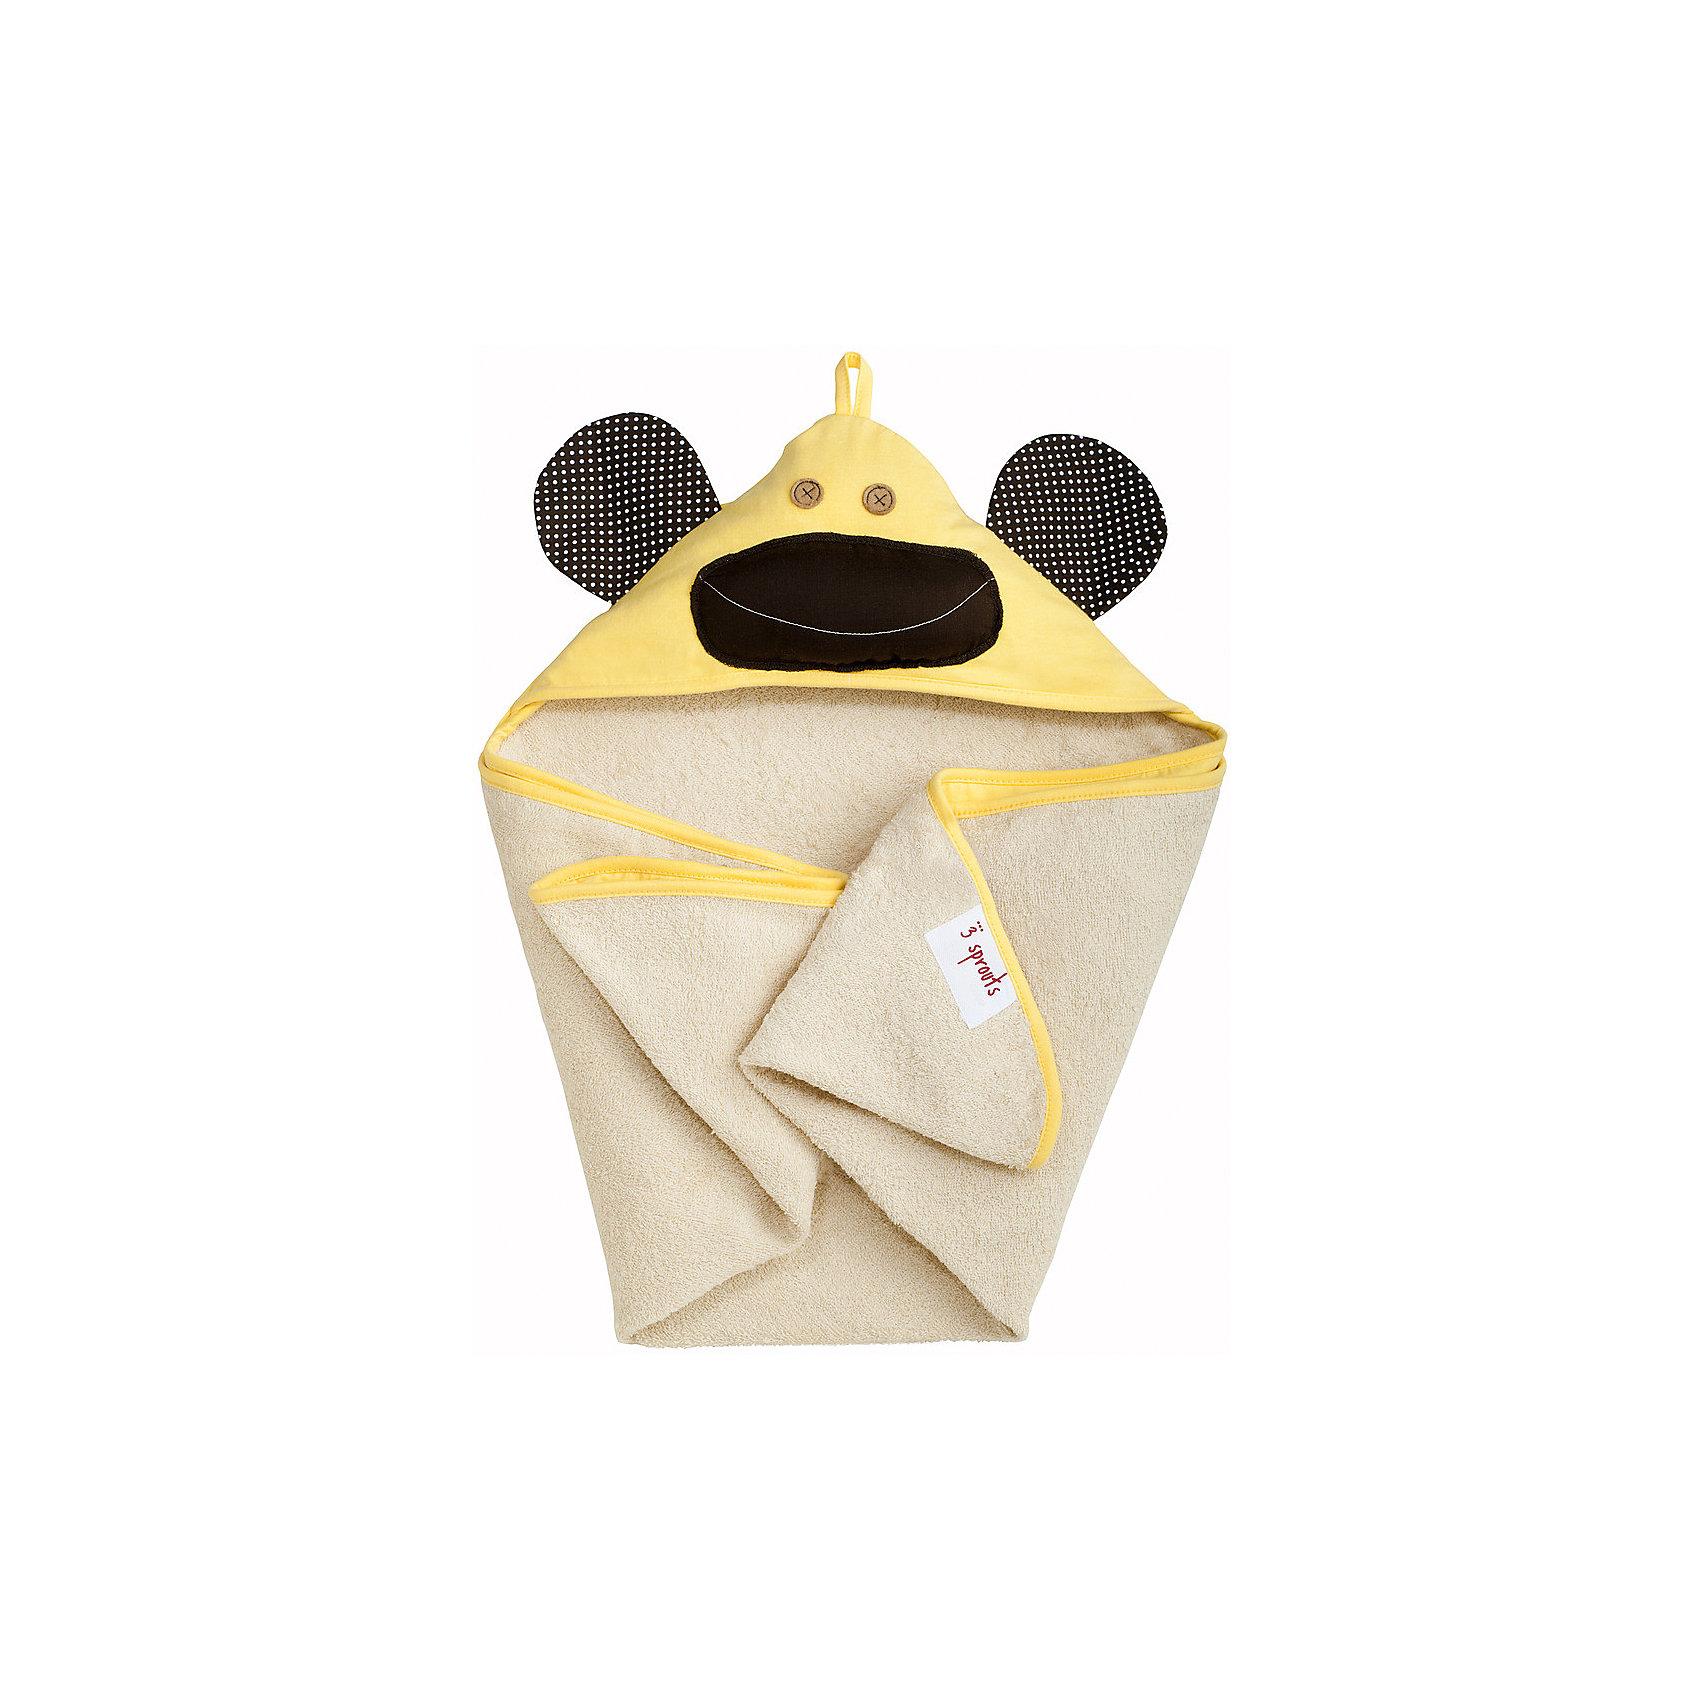 Полотенце с капюшоном Жёлтая обезьянка (Yellow Monkey), 3 SproutsПляжные полотенца<br>Милое полотенце для маленькой крохи. Махровое изнутри, а внешний слой изготовлен из 100% хлопка. <br><br>Дополнительная информация:<br><br>- Размер полотенца: 76х76 см.<br>- Материал: 100% хлопок снаружи, махровая ткань изнутри.<br>- Уход: деликатная стирка в холодной воде.<br><br>Купить полотенце с капюшоном Желтая обезьянка  (Yellow Monkey), можно в нашем магазине.<br><br>Ширина мм: 260<br>Глубина мм: 20<br>Высота мм: 330<br>Вес г: 402<br>Возраст от месяцев: 0<br>Возраст до месяцев: 18<br>Пол: Унисекс<br>Возраст: Детский<br>SKU: 5098201